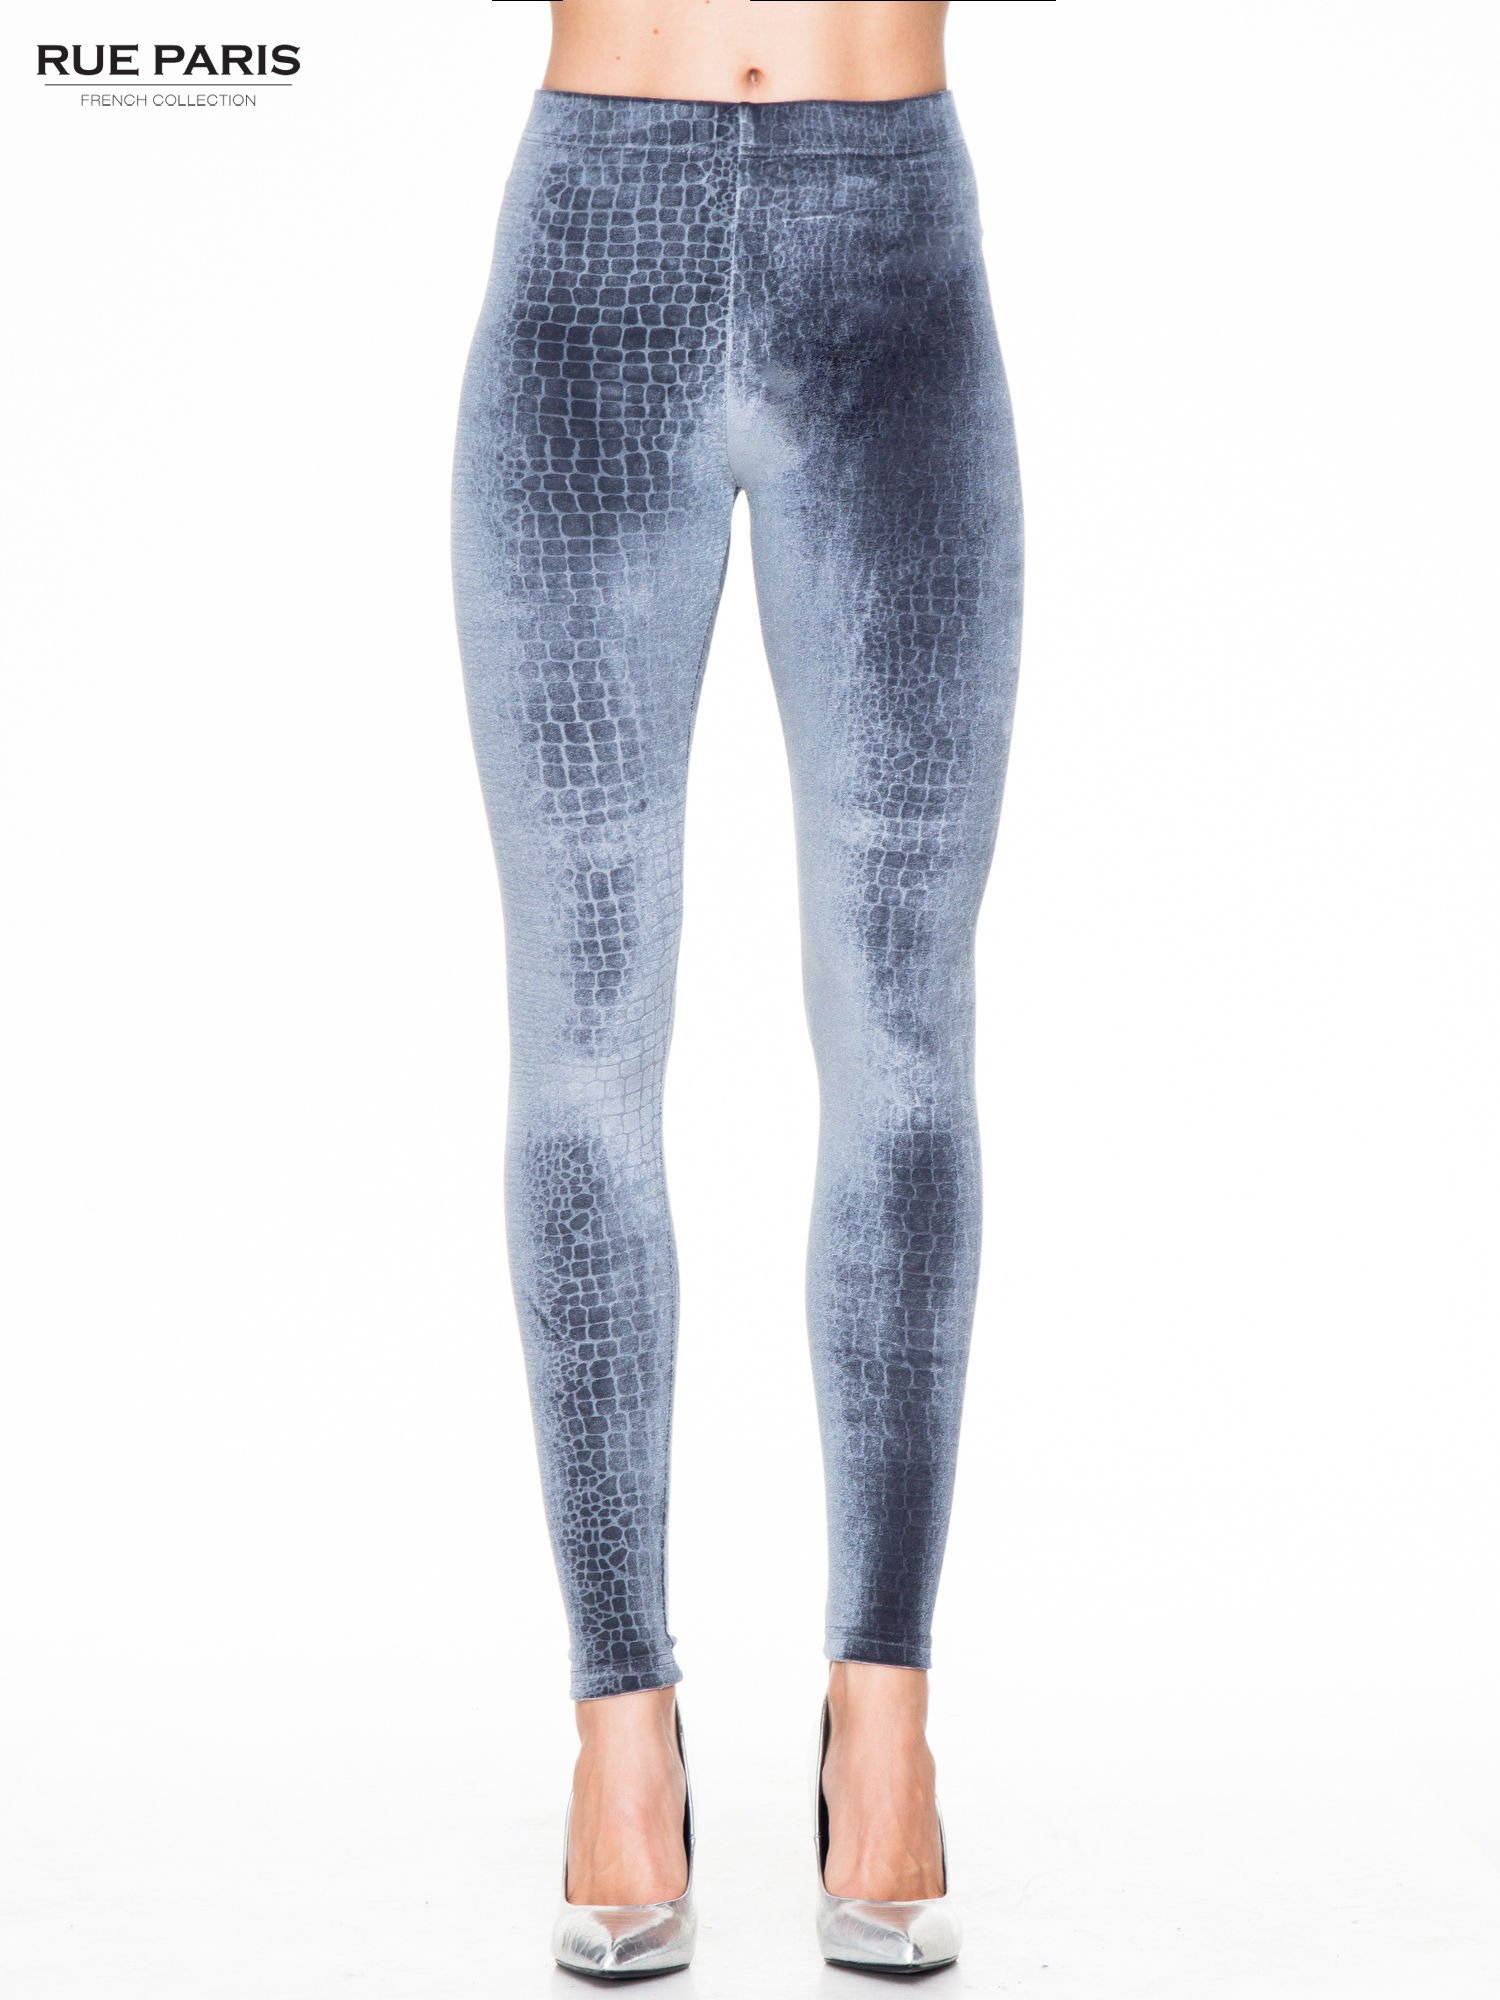 Szare legginsy z efektem skóry krokodyla                                  zdj.                                  1